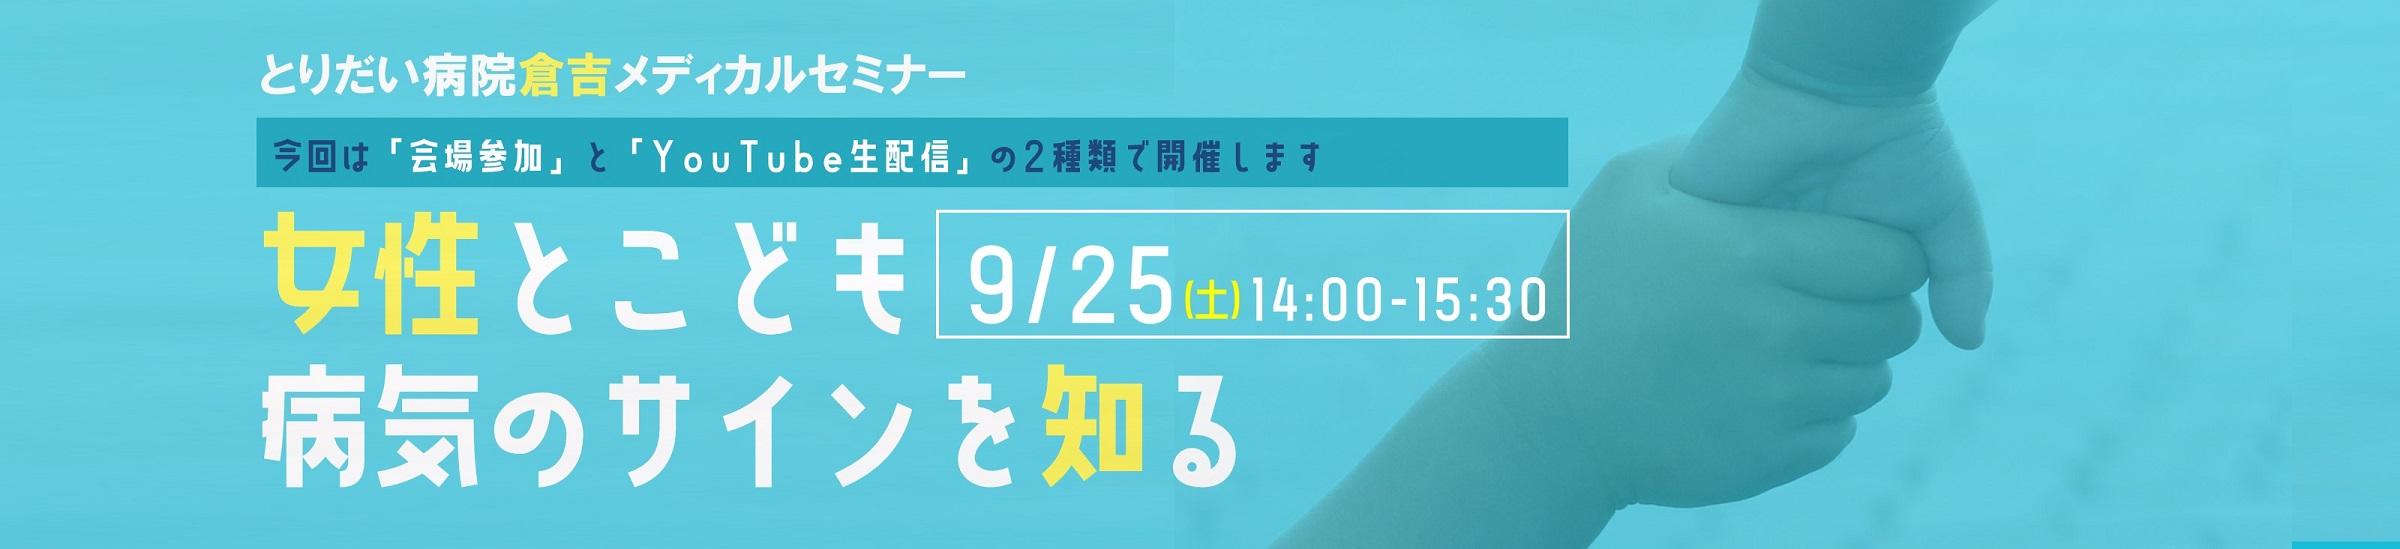 倉吉メディカルセミナー2021